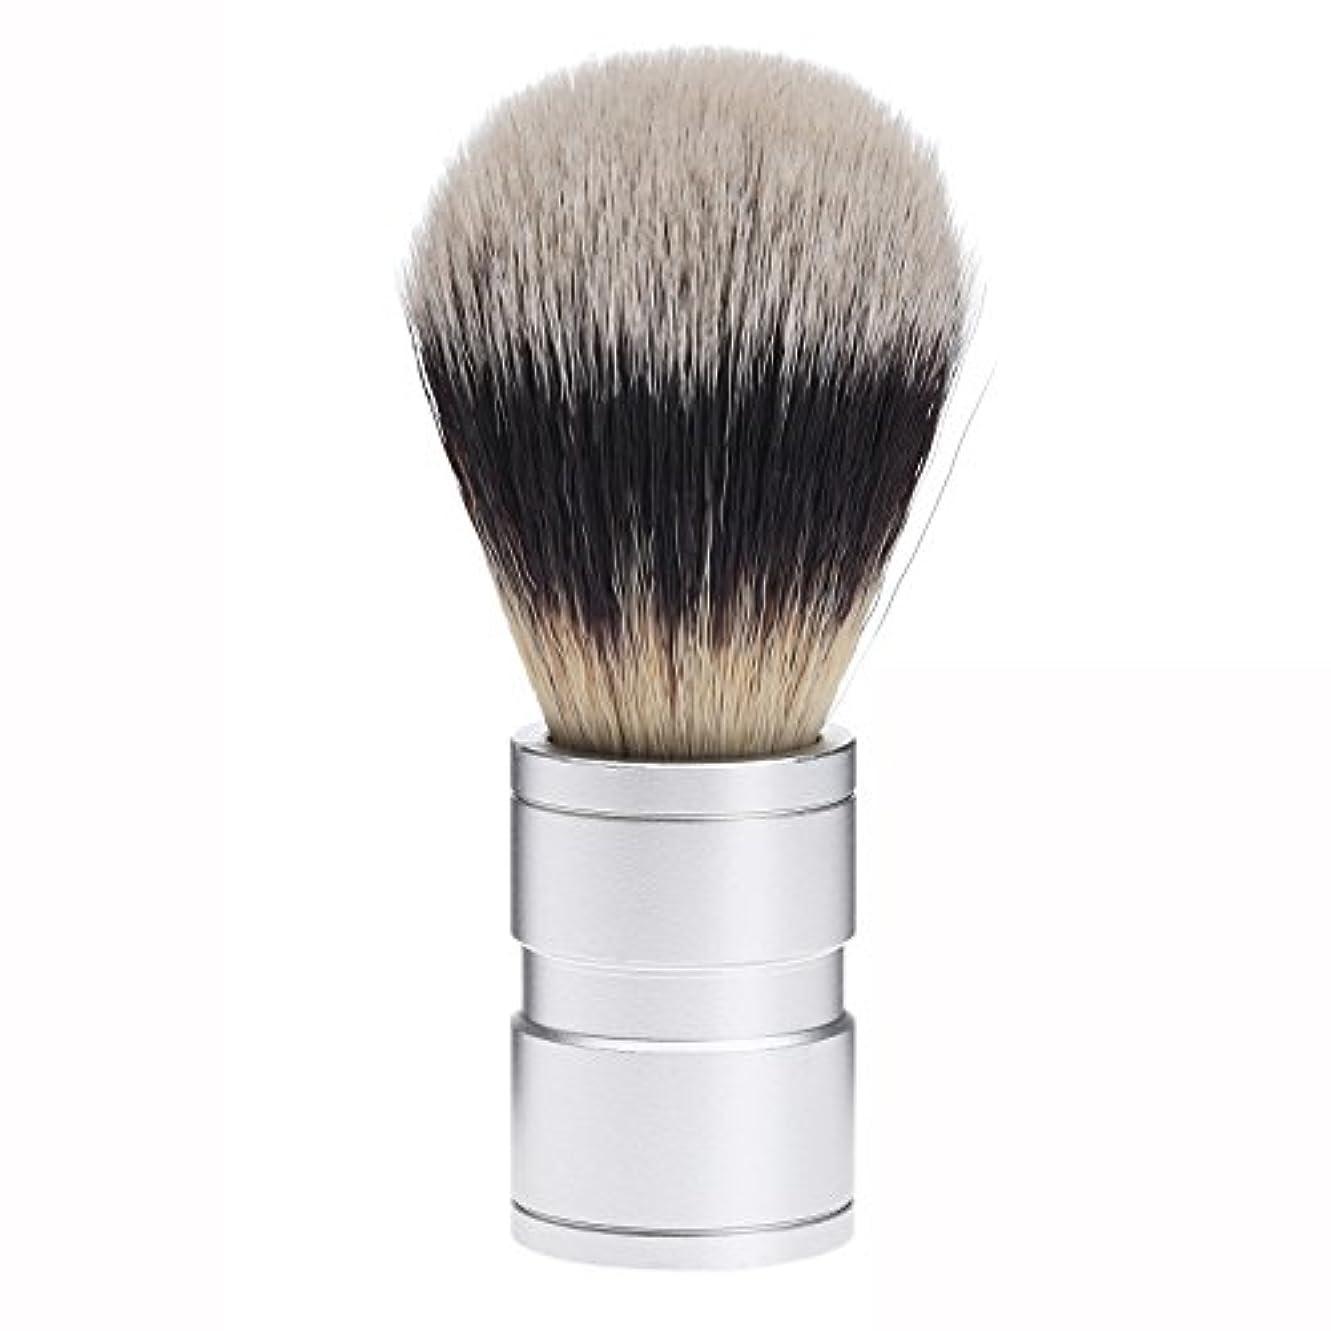 ルビー心臓シートDophee  シェービング用ブラシ シェービングブラシ メンズ 洗顔ブラシ イミテーションアナグマ毛 ファイン模倣 理容 洗顔 髭剃り